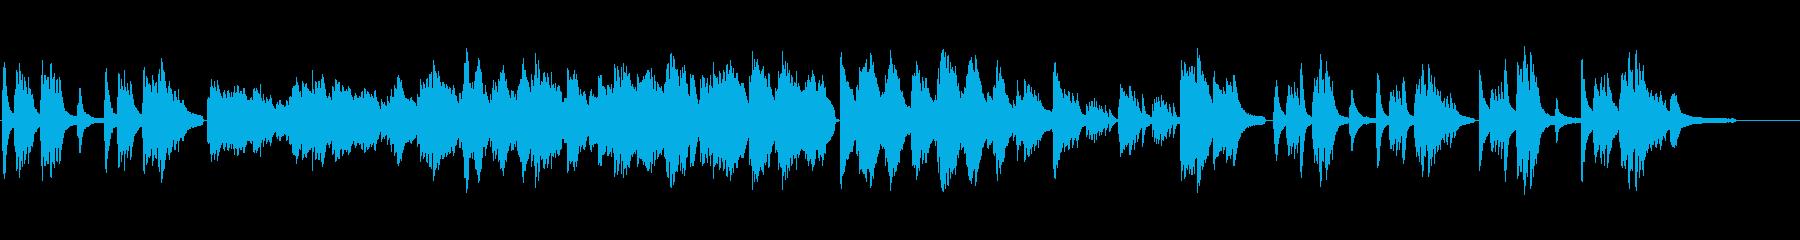 美しく不思議な世界観のピアノソロの再生済みの波形